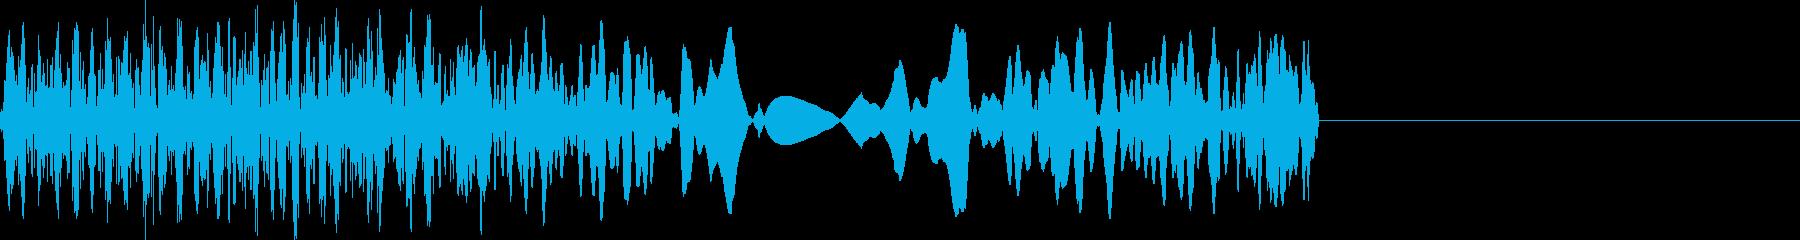 ショートスクラッチの再生済みの波形